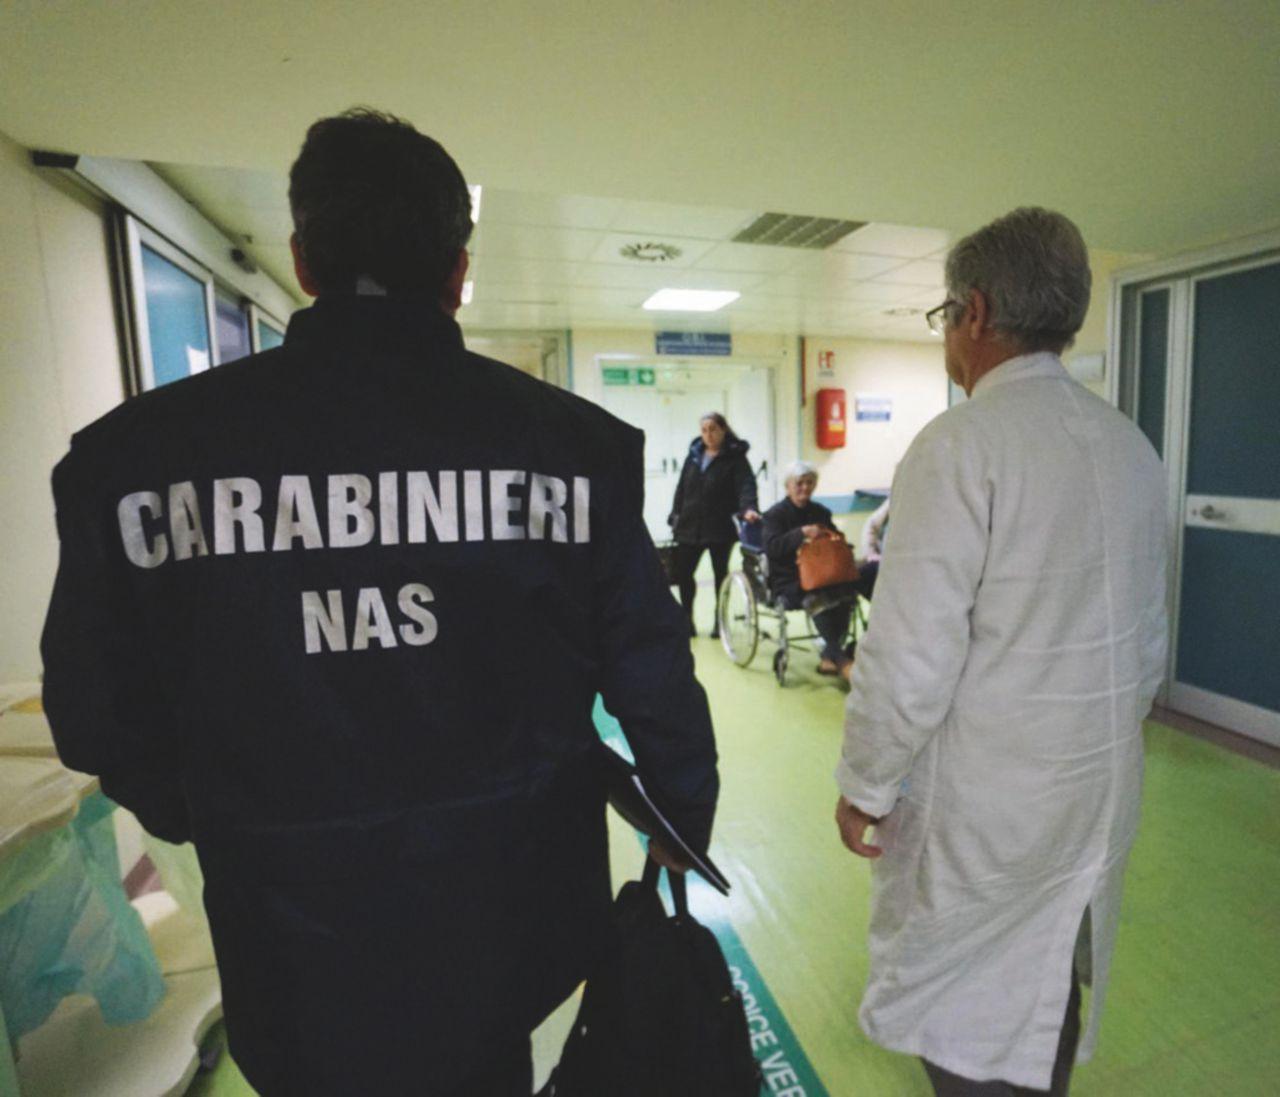 In Edicola sul Fatto Quotidiano del 31 dicembre: Muore la donna abbandonata nell'ospedale tra le formiche